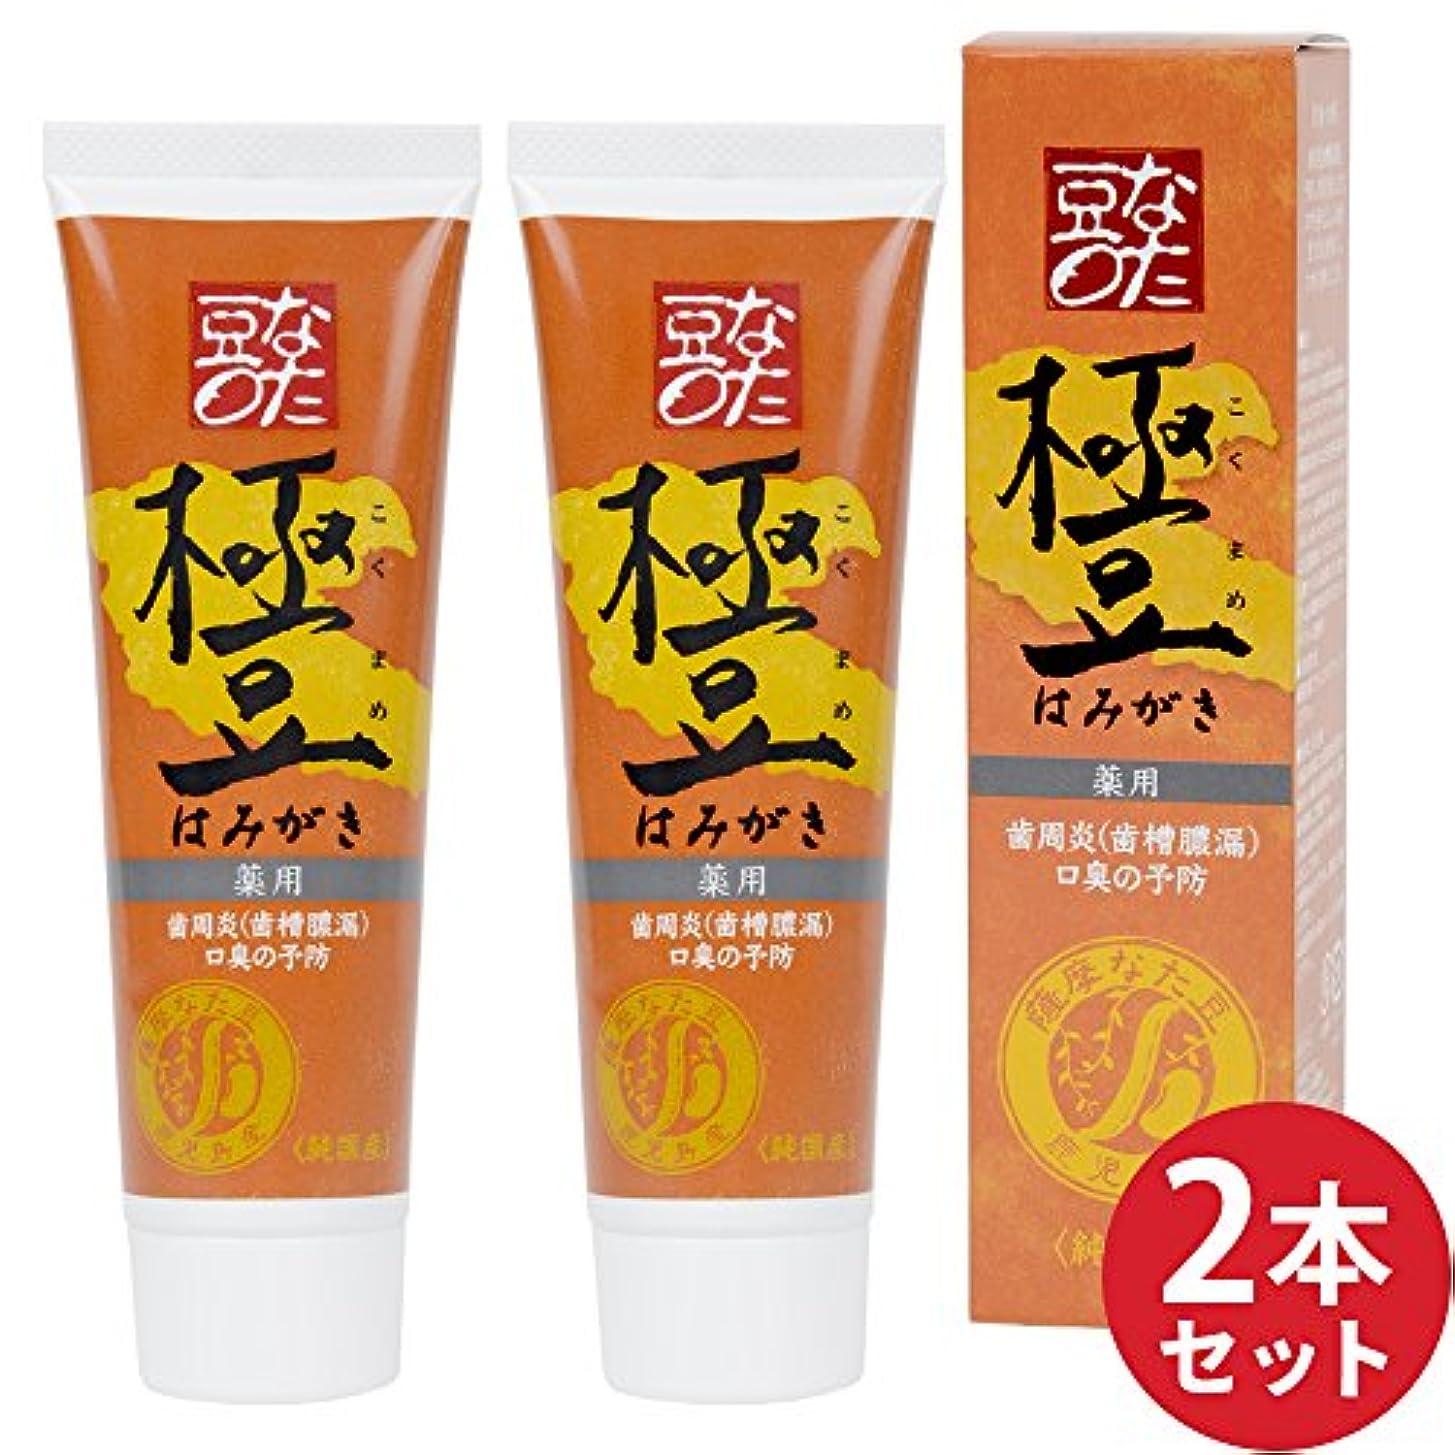 2本セット【薬用】薩摩なた豆歯磨き(内容量:110g×2)